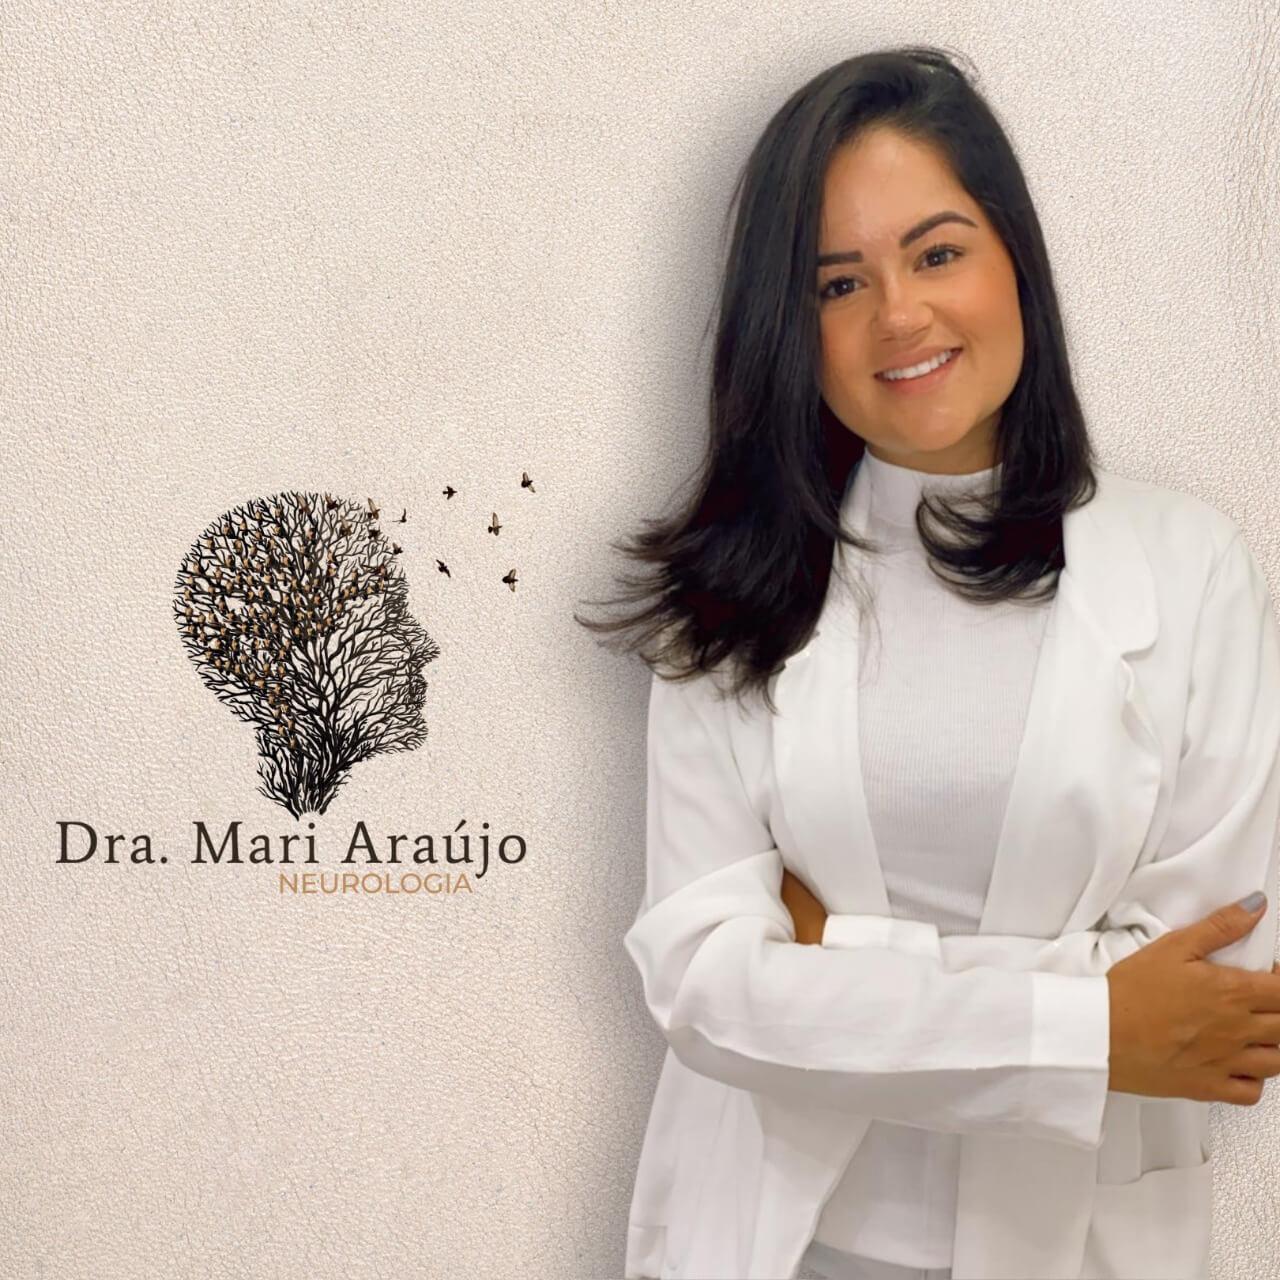 Mariana Pereira Araújo